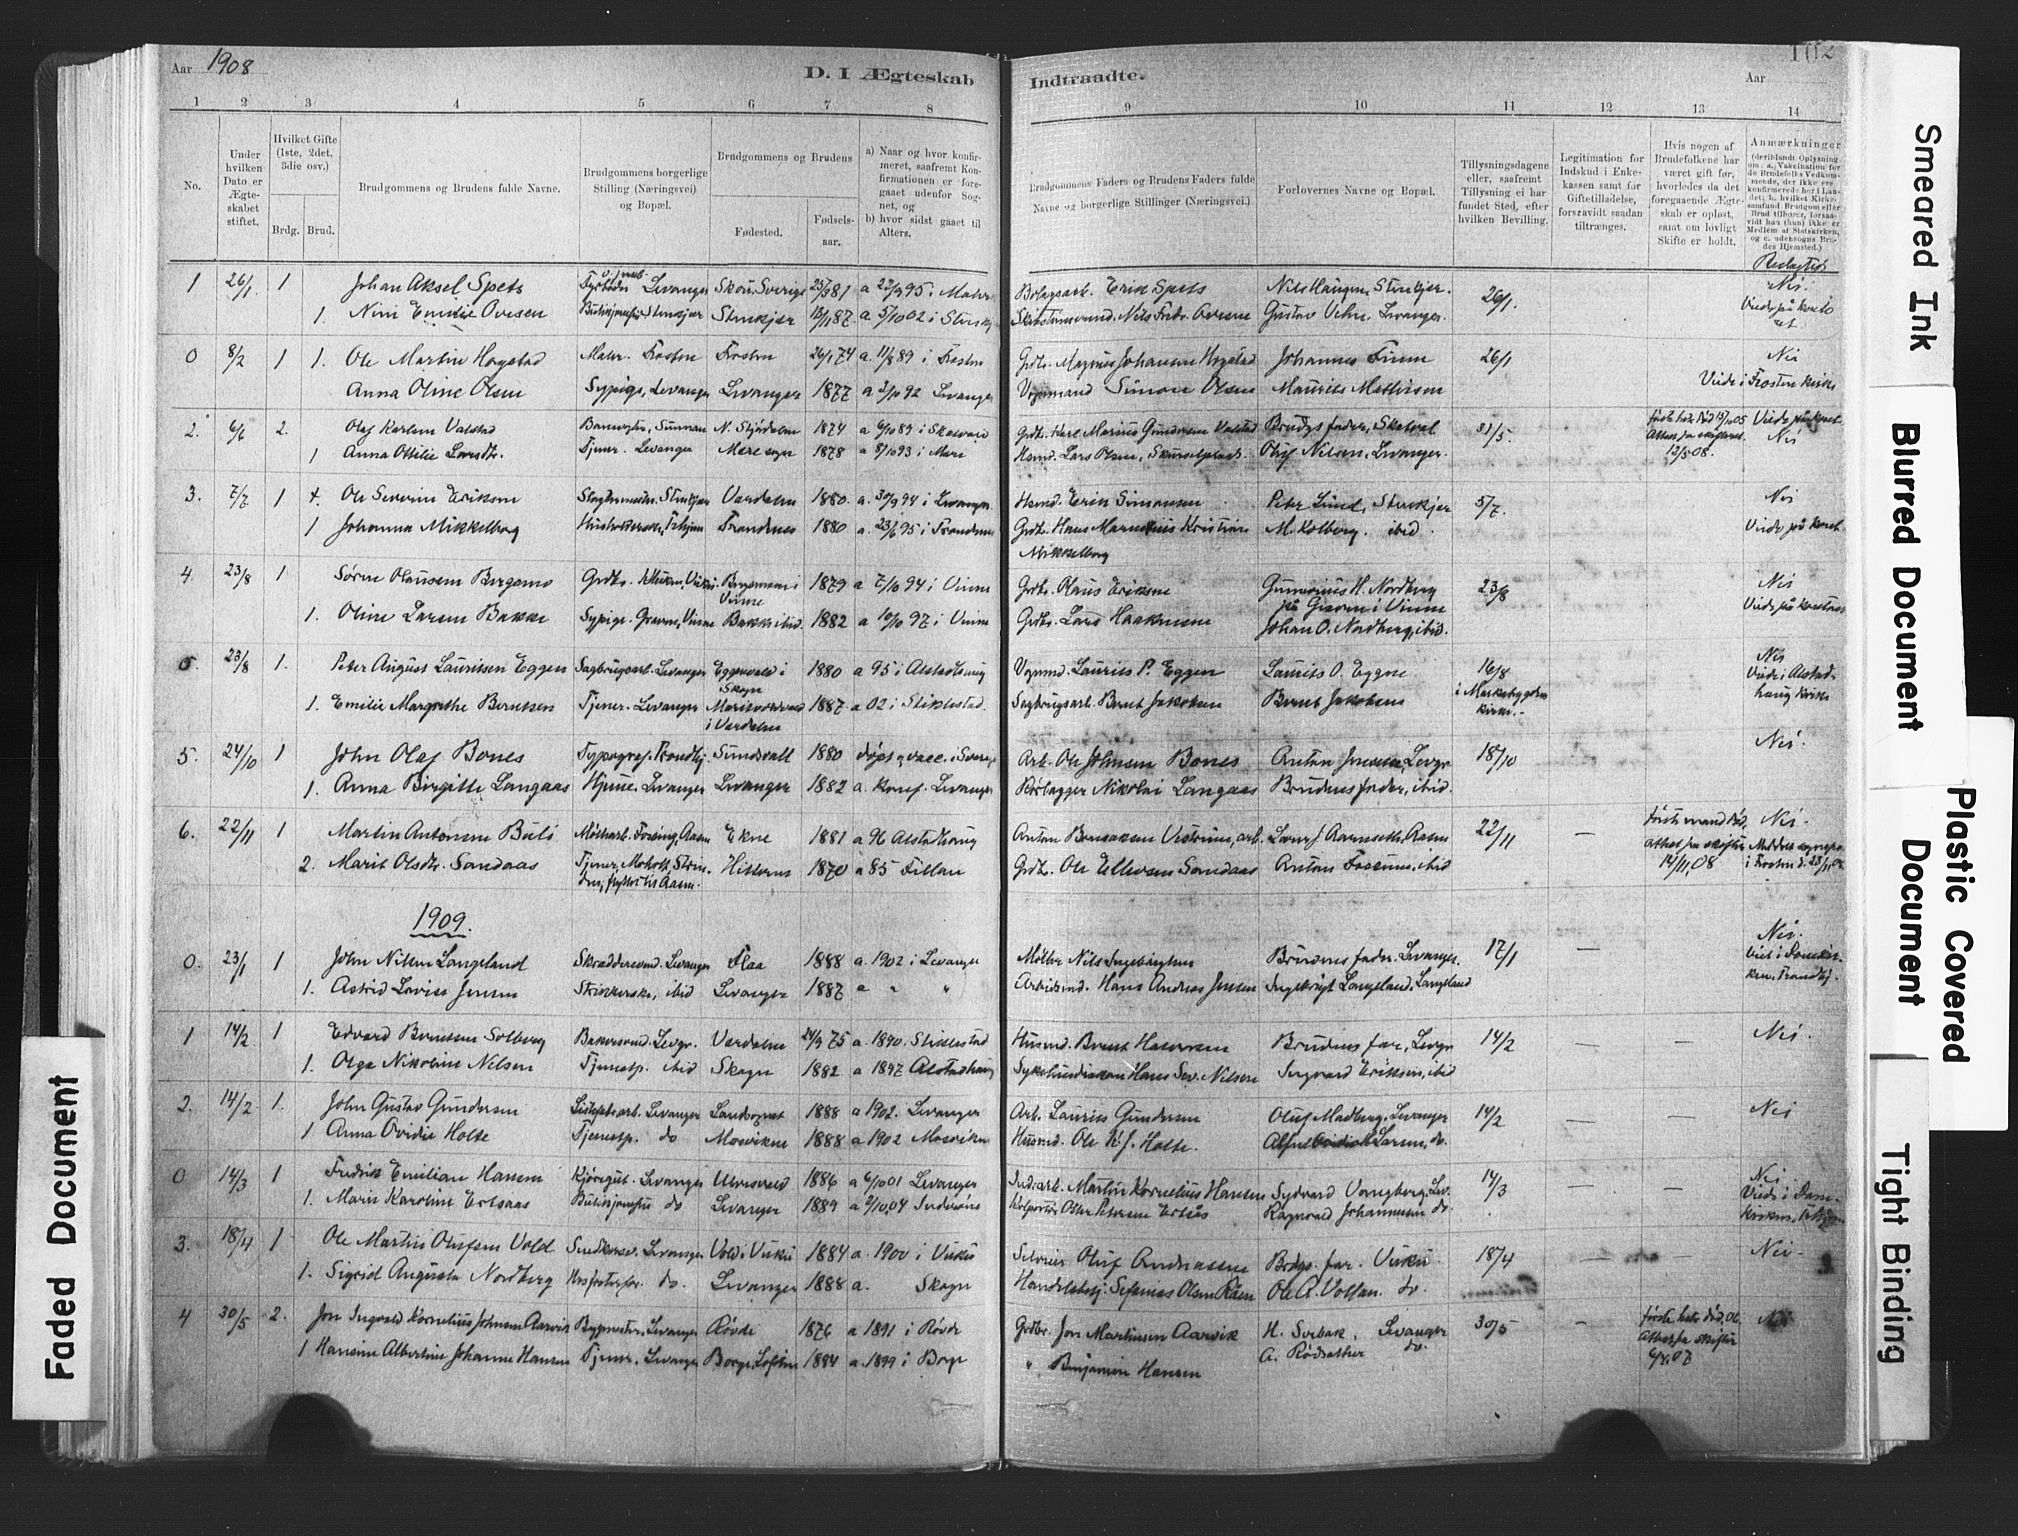 SAT, Ministerialprotokoller, klokkerbøker og fødselsregistre - Nord-Trøndelag, 720/L0189: Ministerialbok nr. 720A05, 1880-1911, s. 102